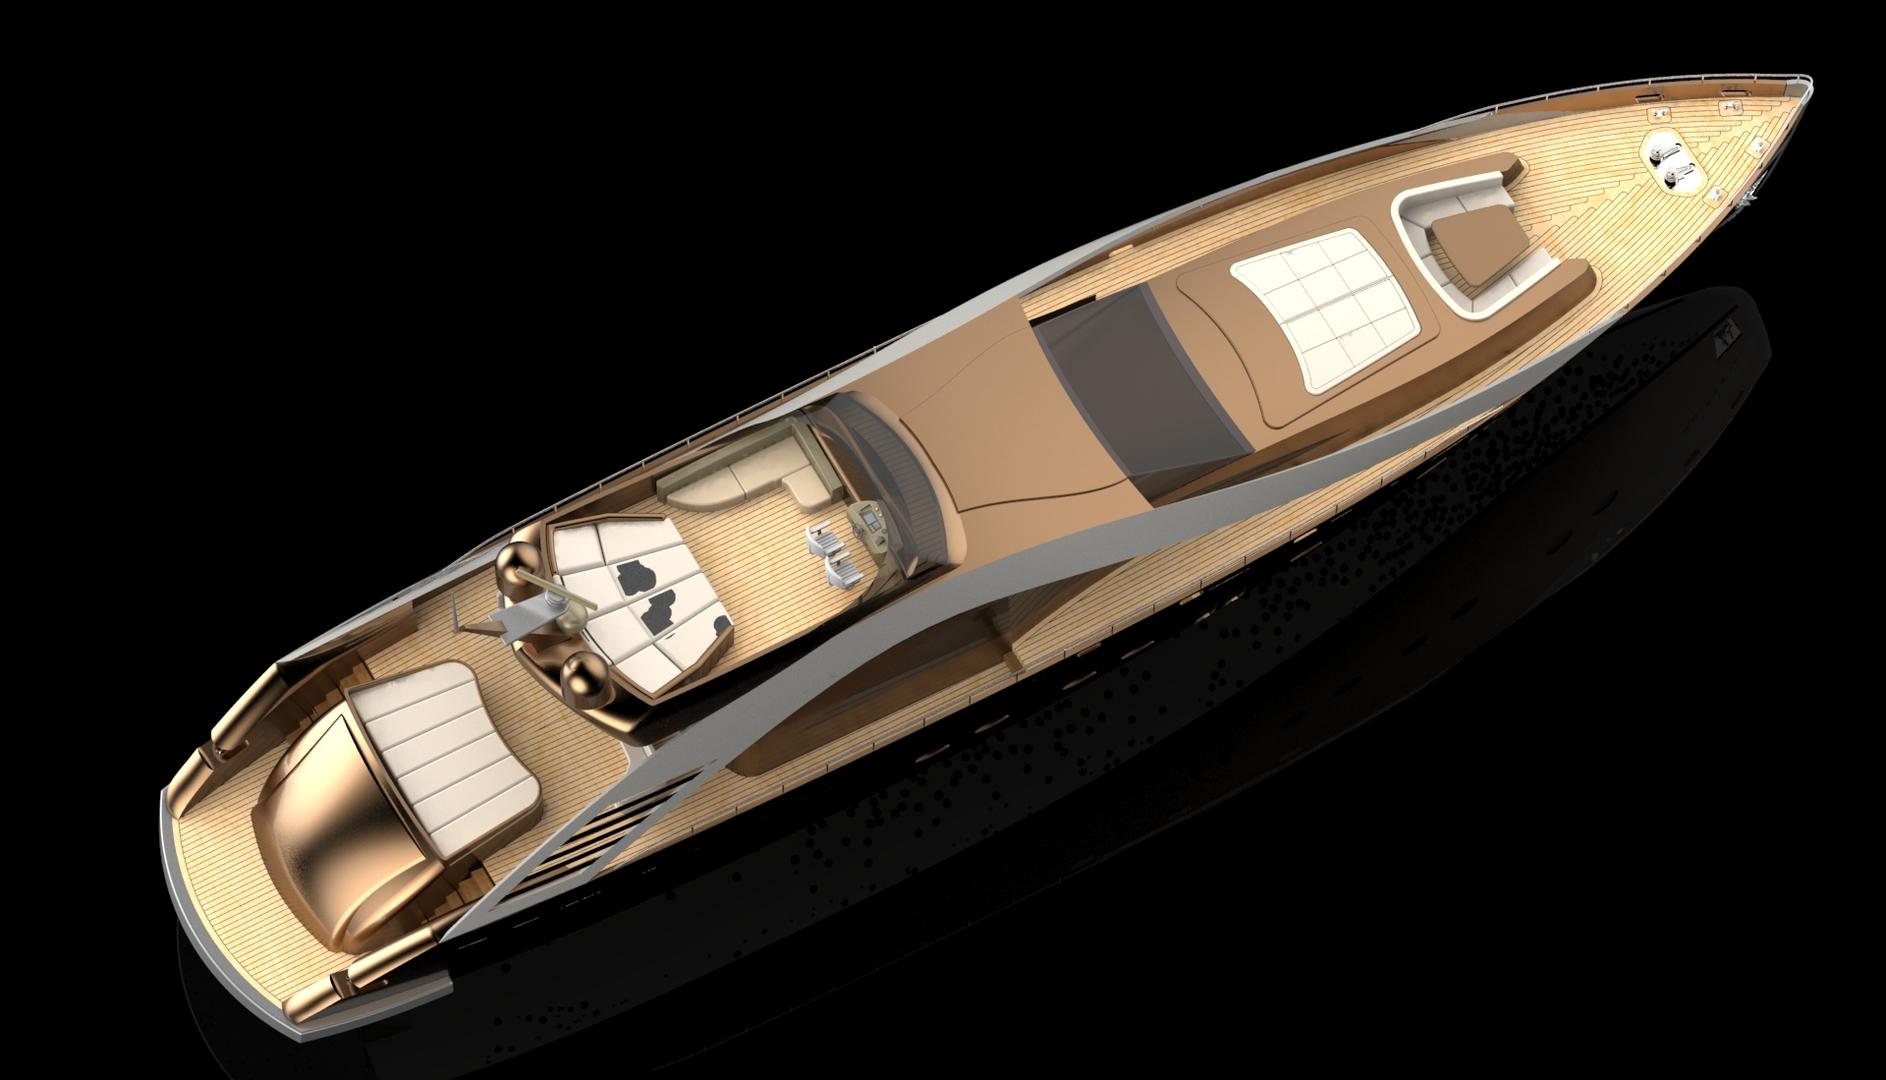 3D super yacht conceptional